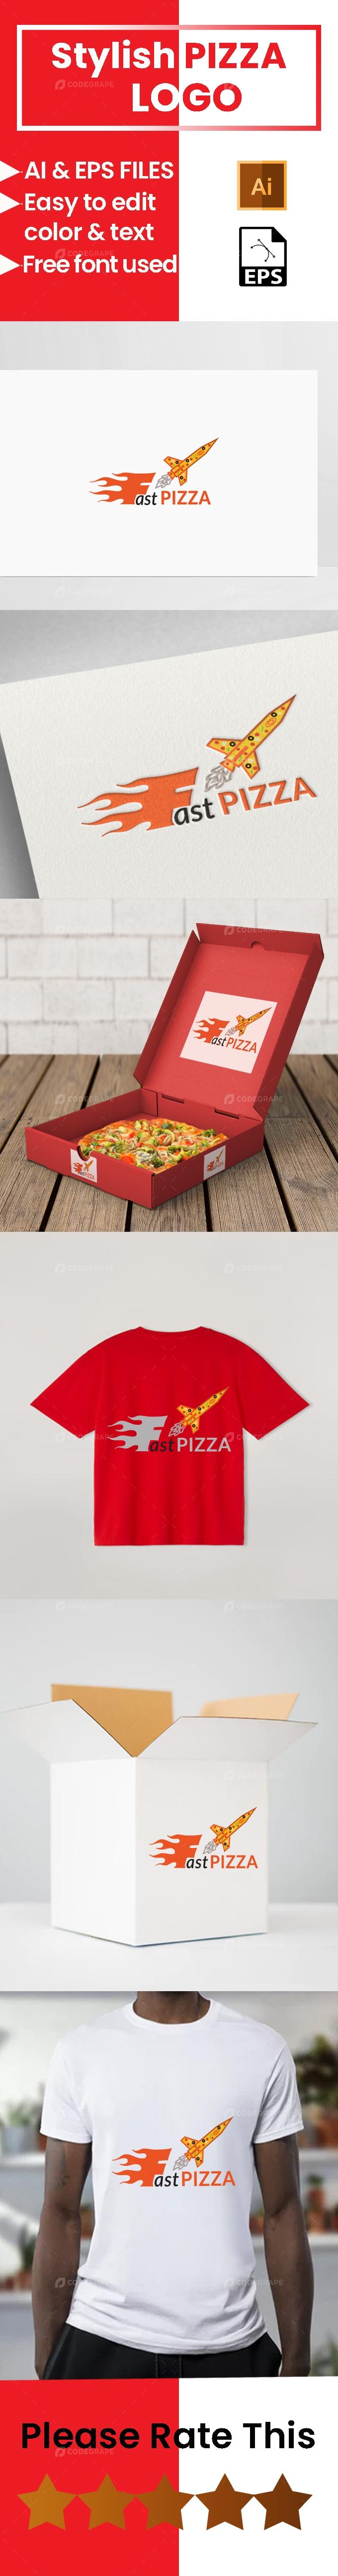 Stylish Pizza Logo